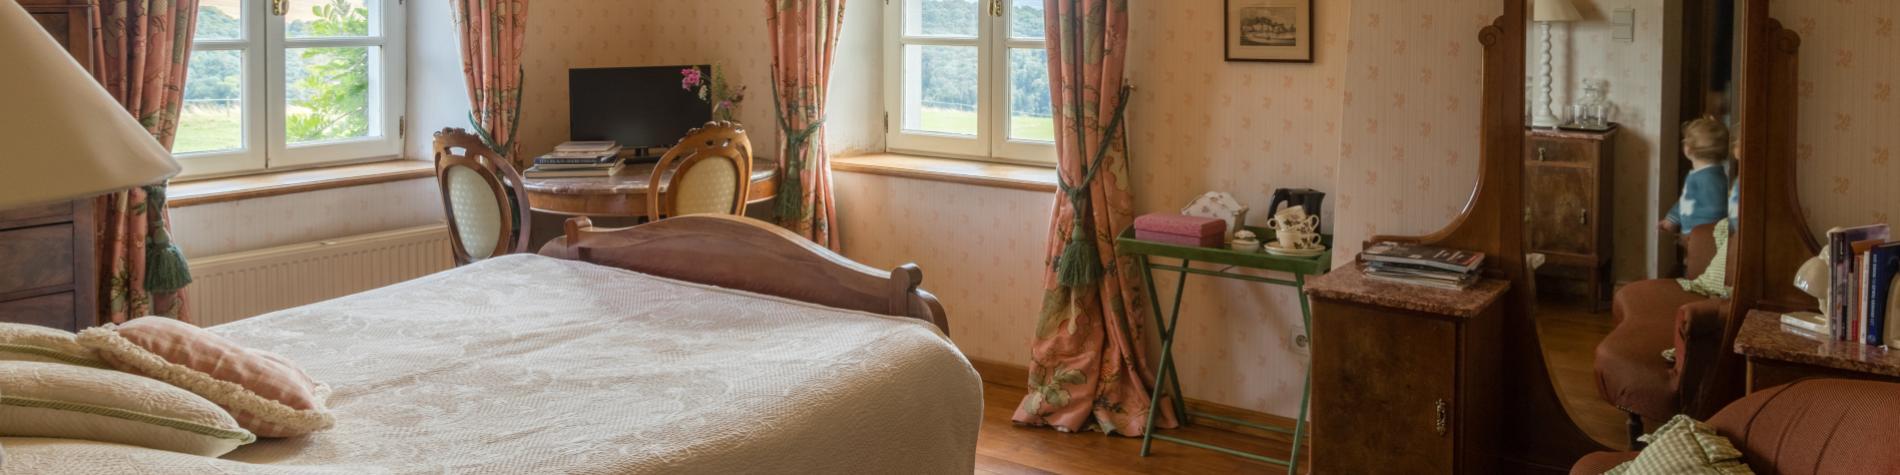 Maison d'hôtes - La Ferme de l'Airbois - Yvoir